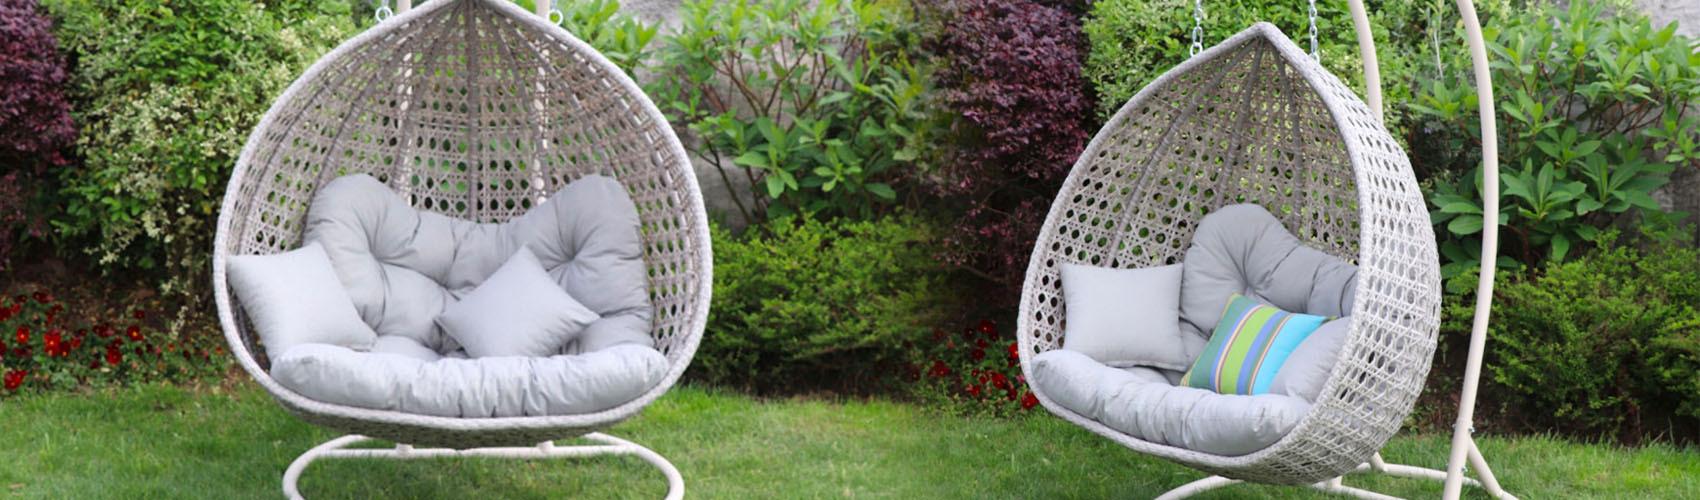 Insta Worthy egg chair